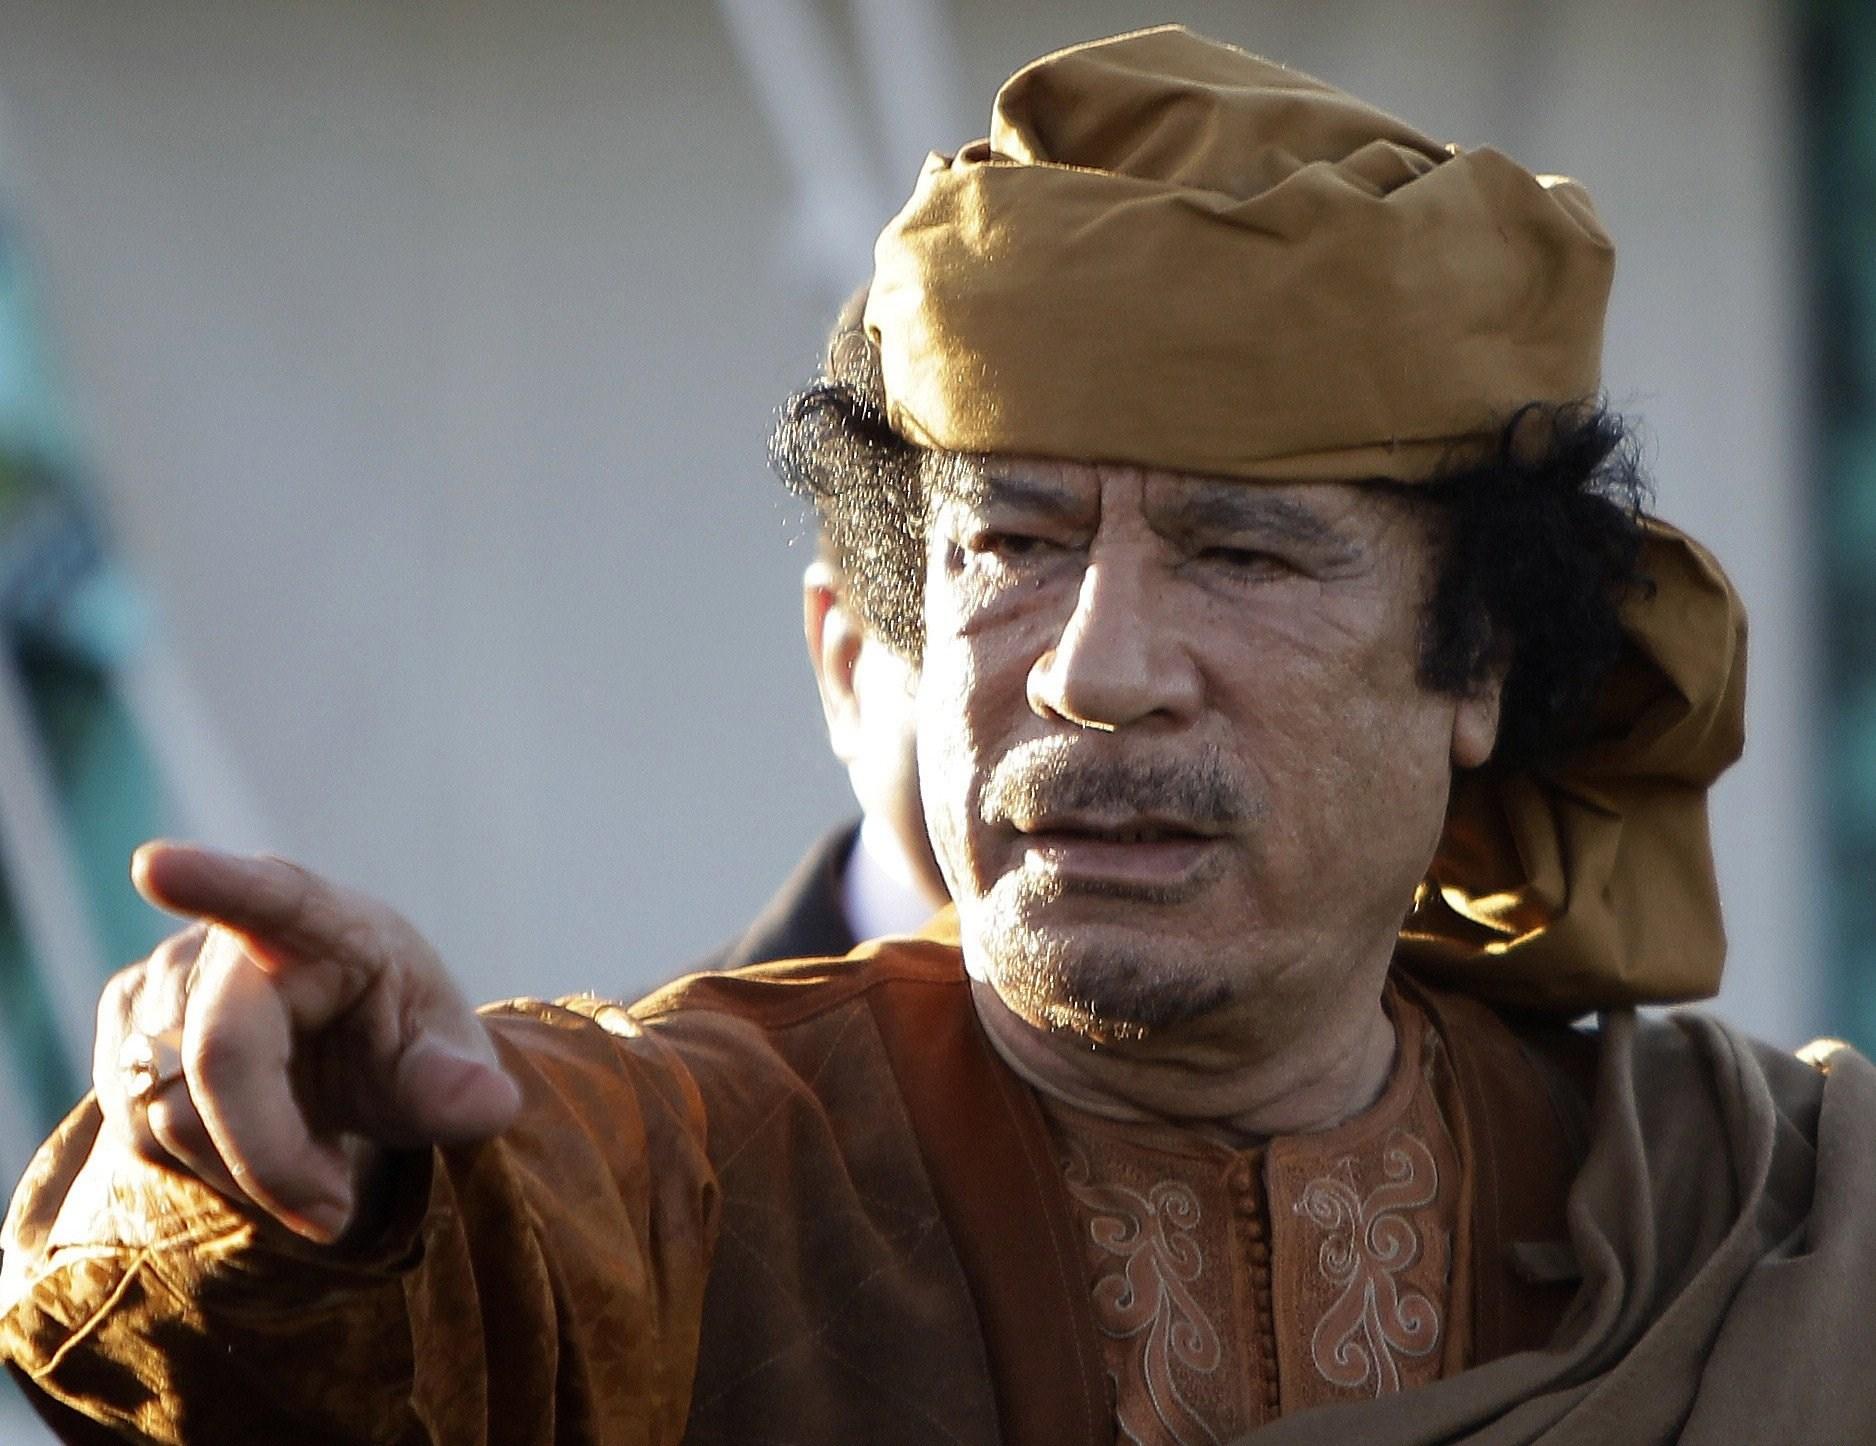 وثائقي بريطاني يدعي إضاءة جوانب خفية في حياة معمر القذافي